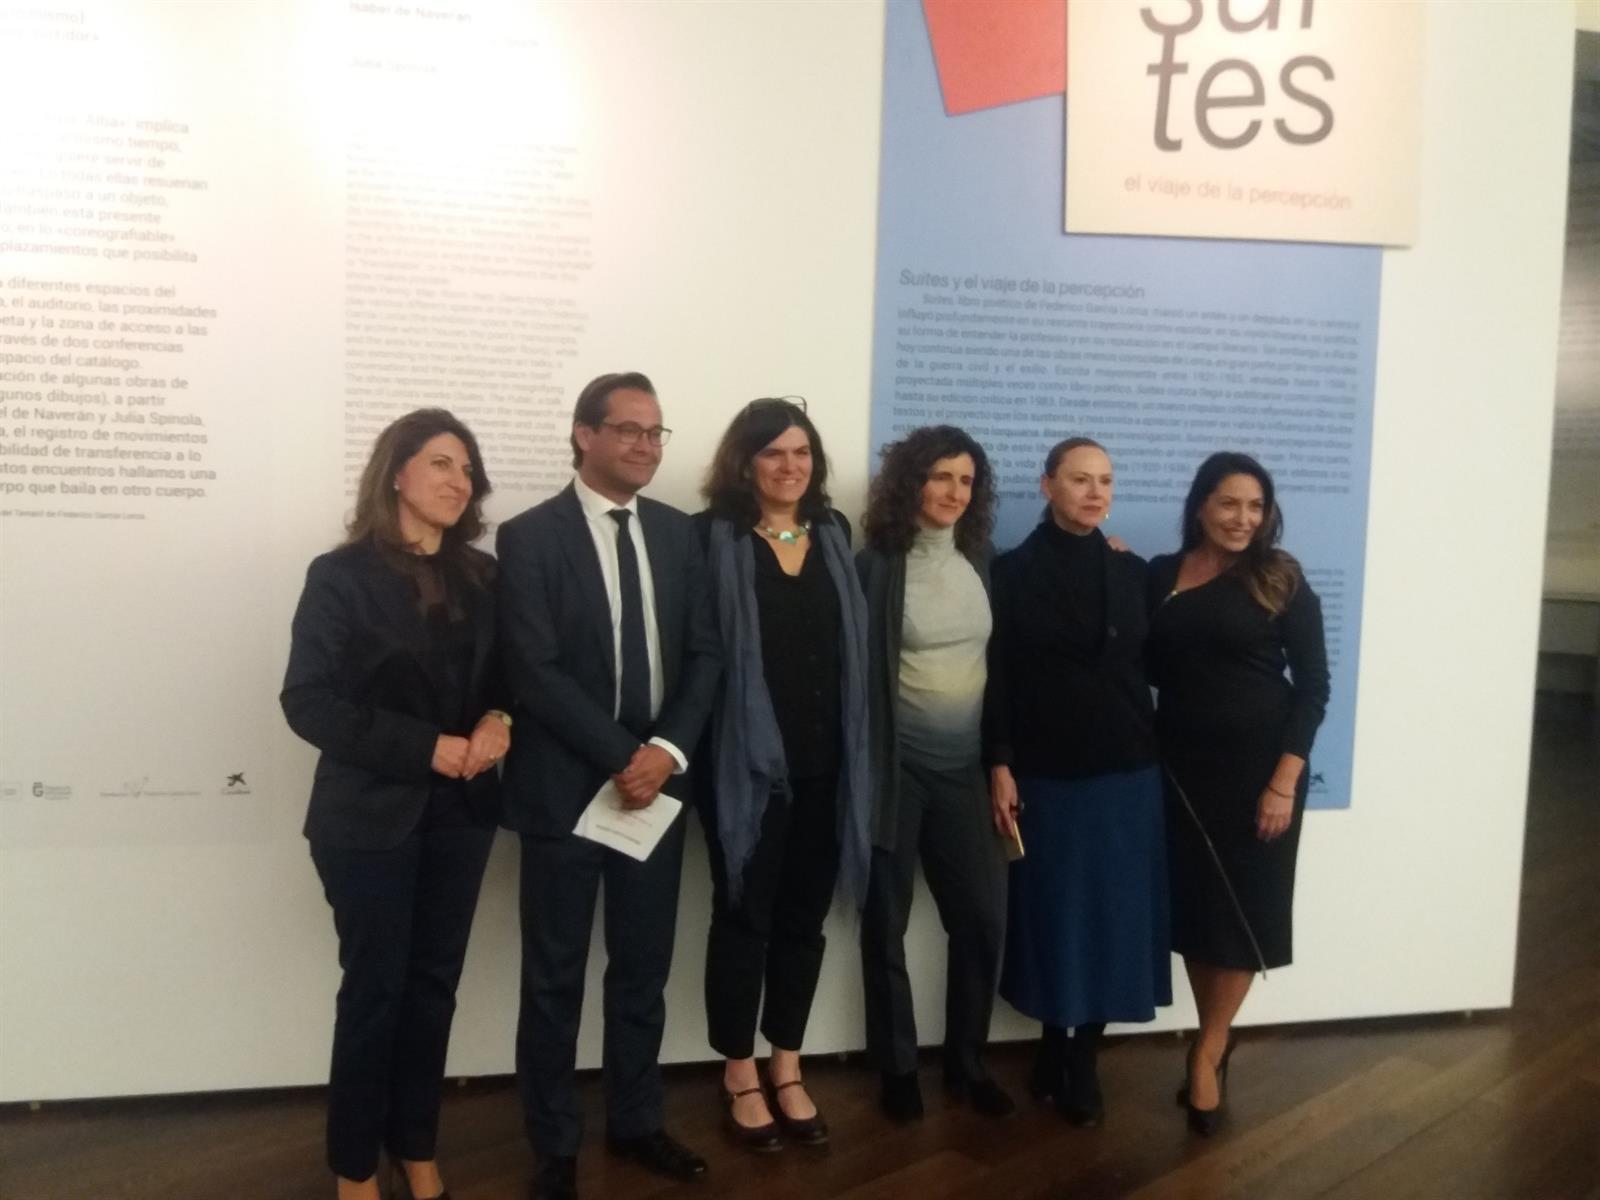 La fundación que gestionará el legado de Lorca se constituirá en breve, según el Delegado de Cultura